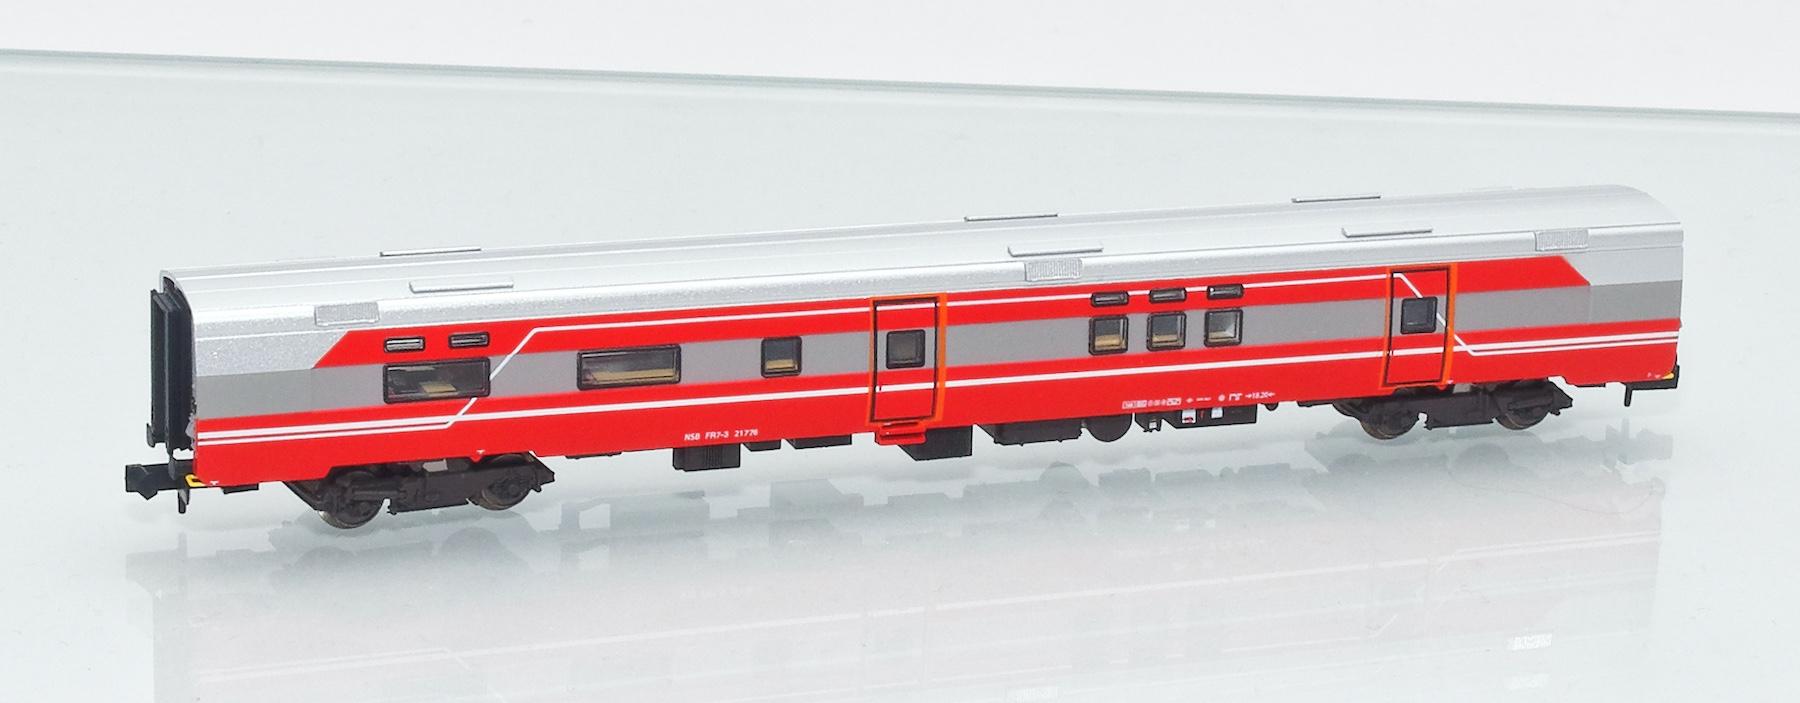 Set 188692: NSB Expresszug-Speisewagen FR7-3mit passender Lok El18